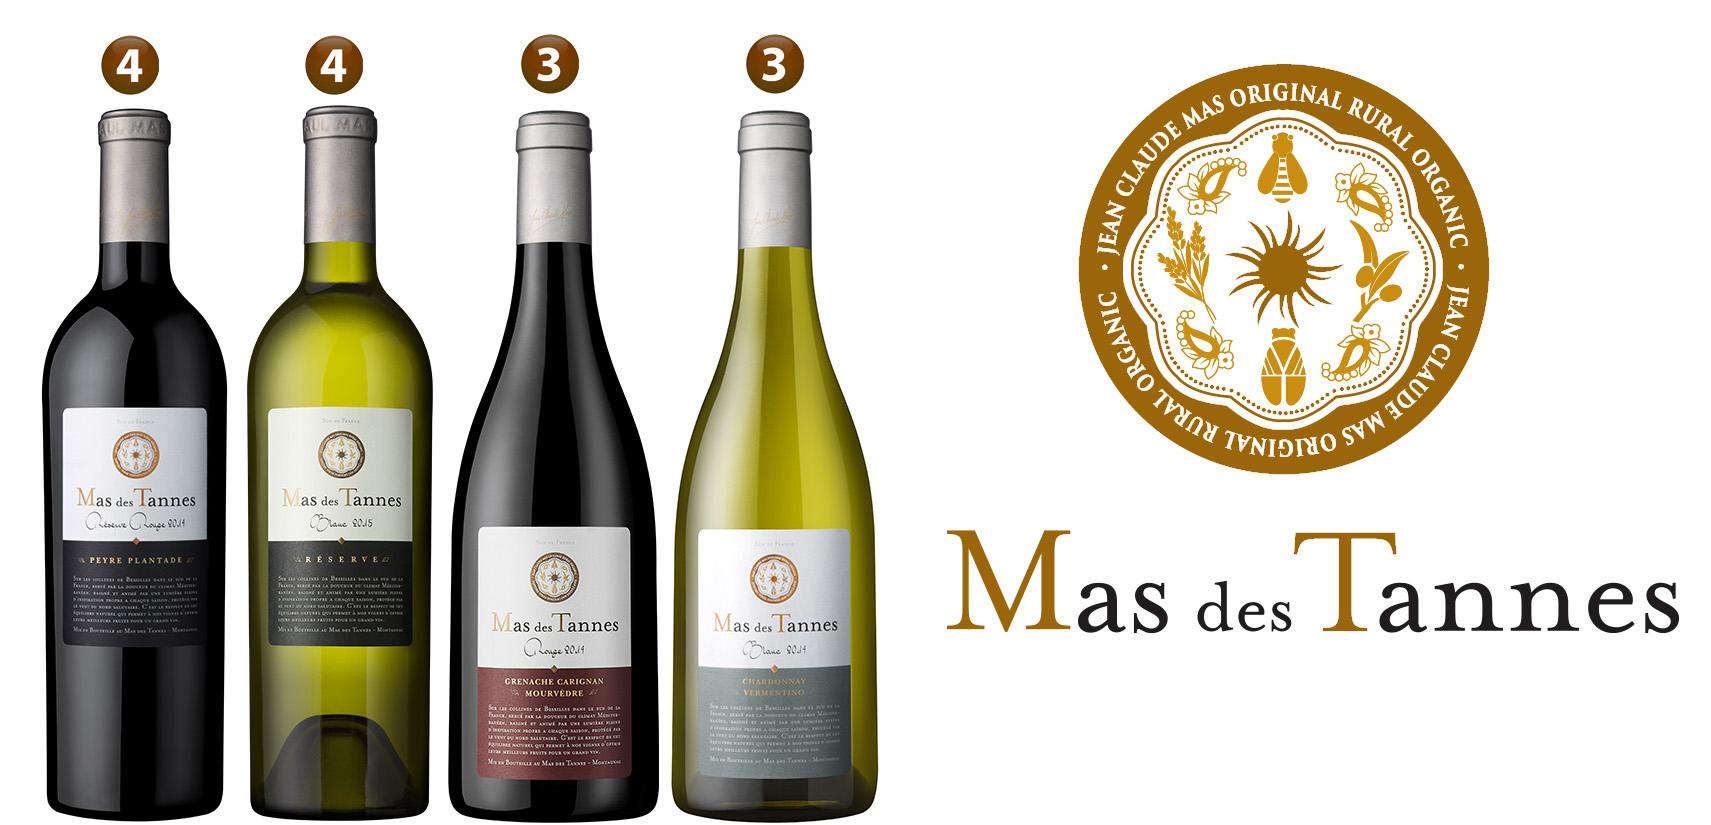 Les vins Mas des Tannes